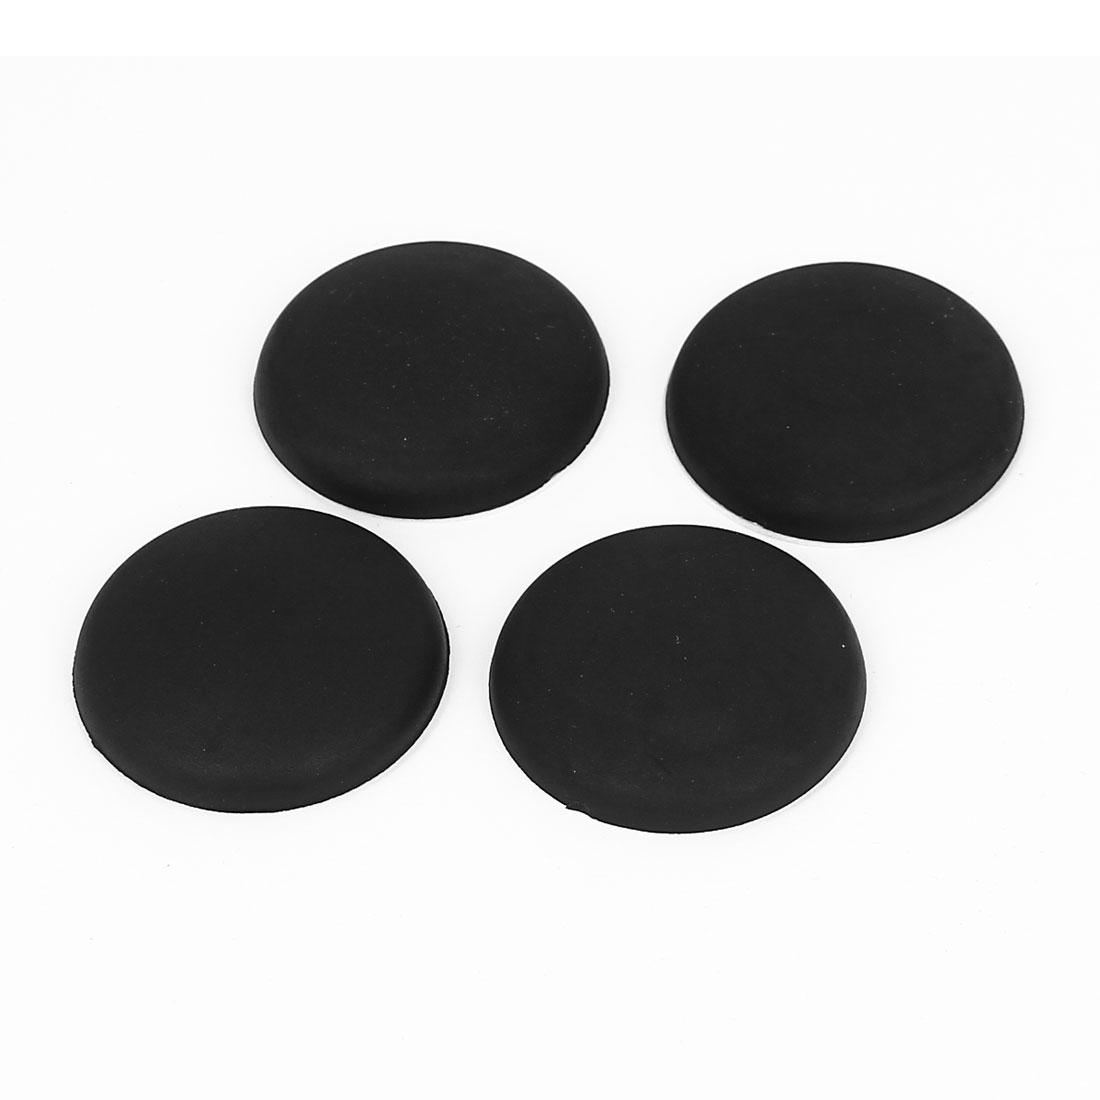 Black Rubber Adhesive Wall Guard Door Handle Bumper Stopper Protector 4pcs